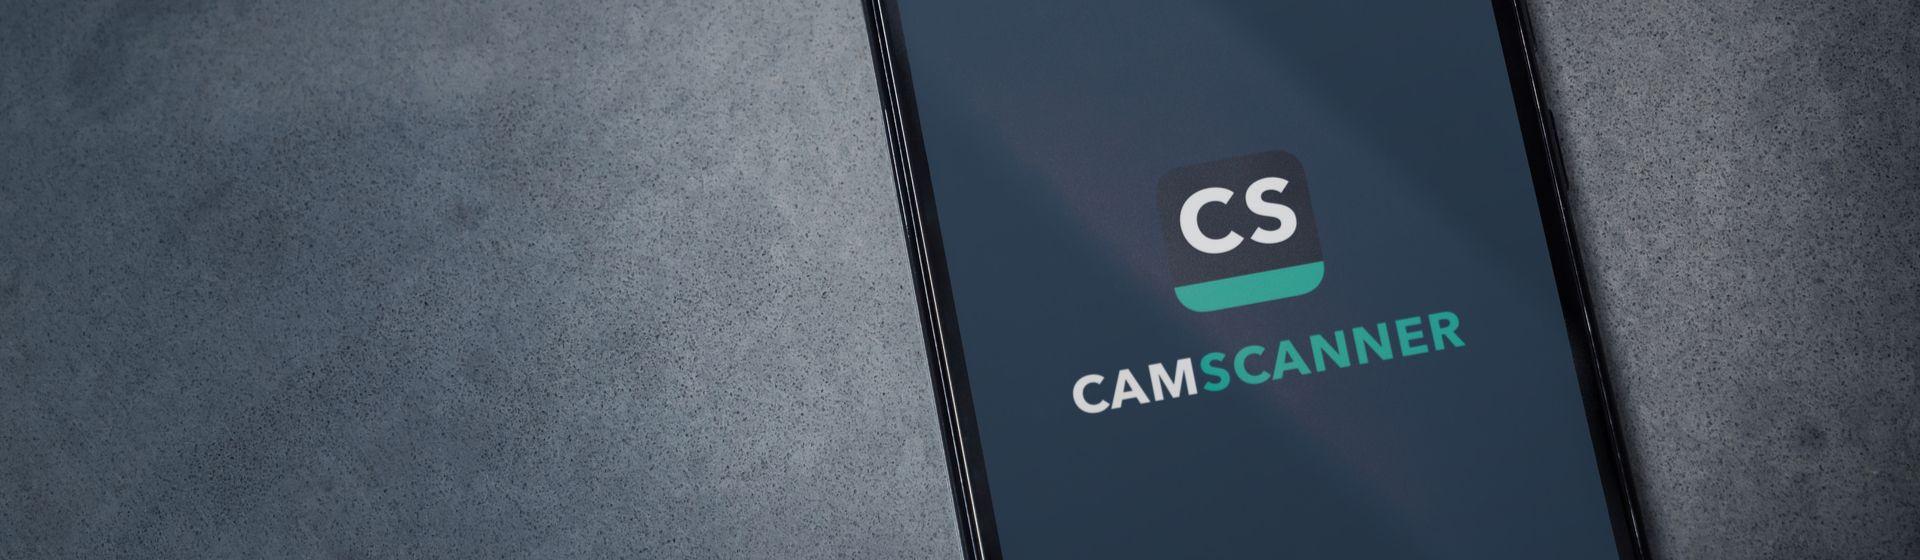 Camscanner: como baixar e usar app para escanear